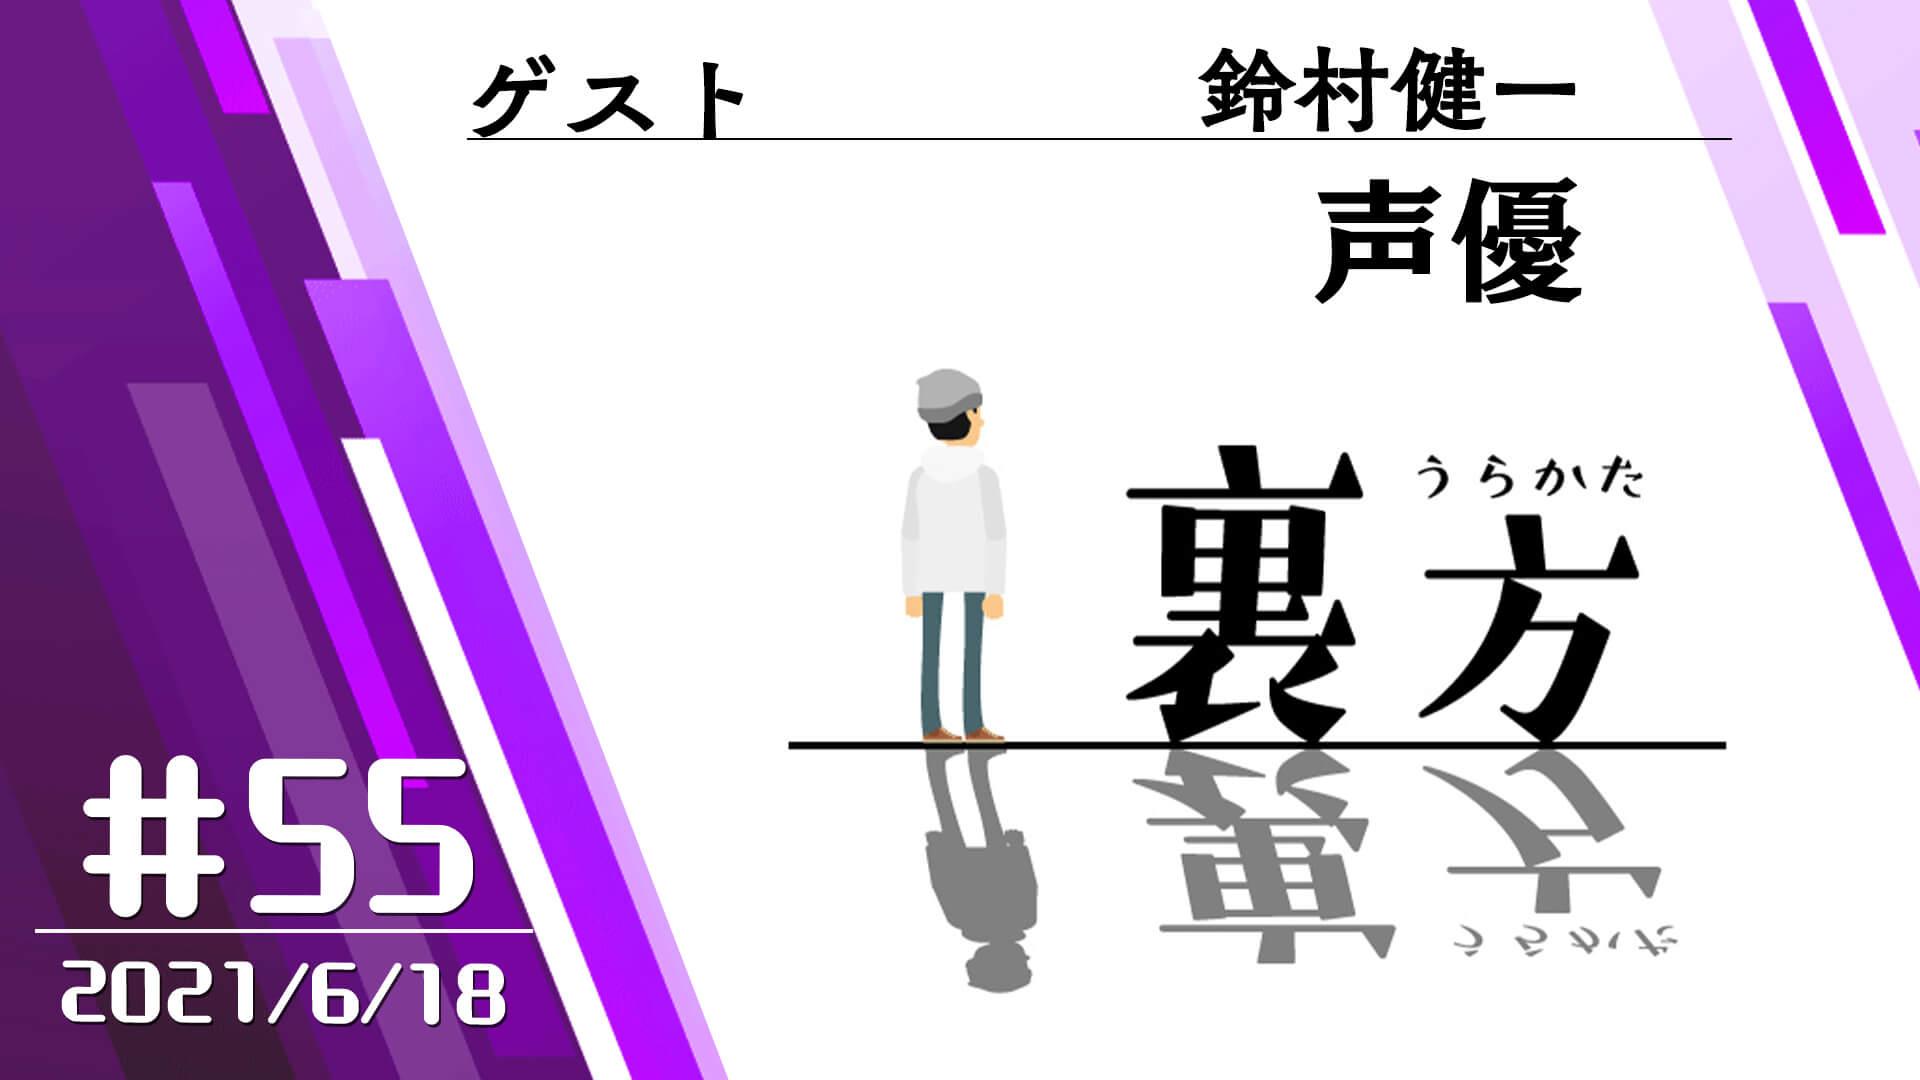 【ゲスト:声優 鈴村健一さん】文化放送超!A&G+ 「裏方」#55 (2021年6月18日放送分)